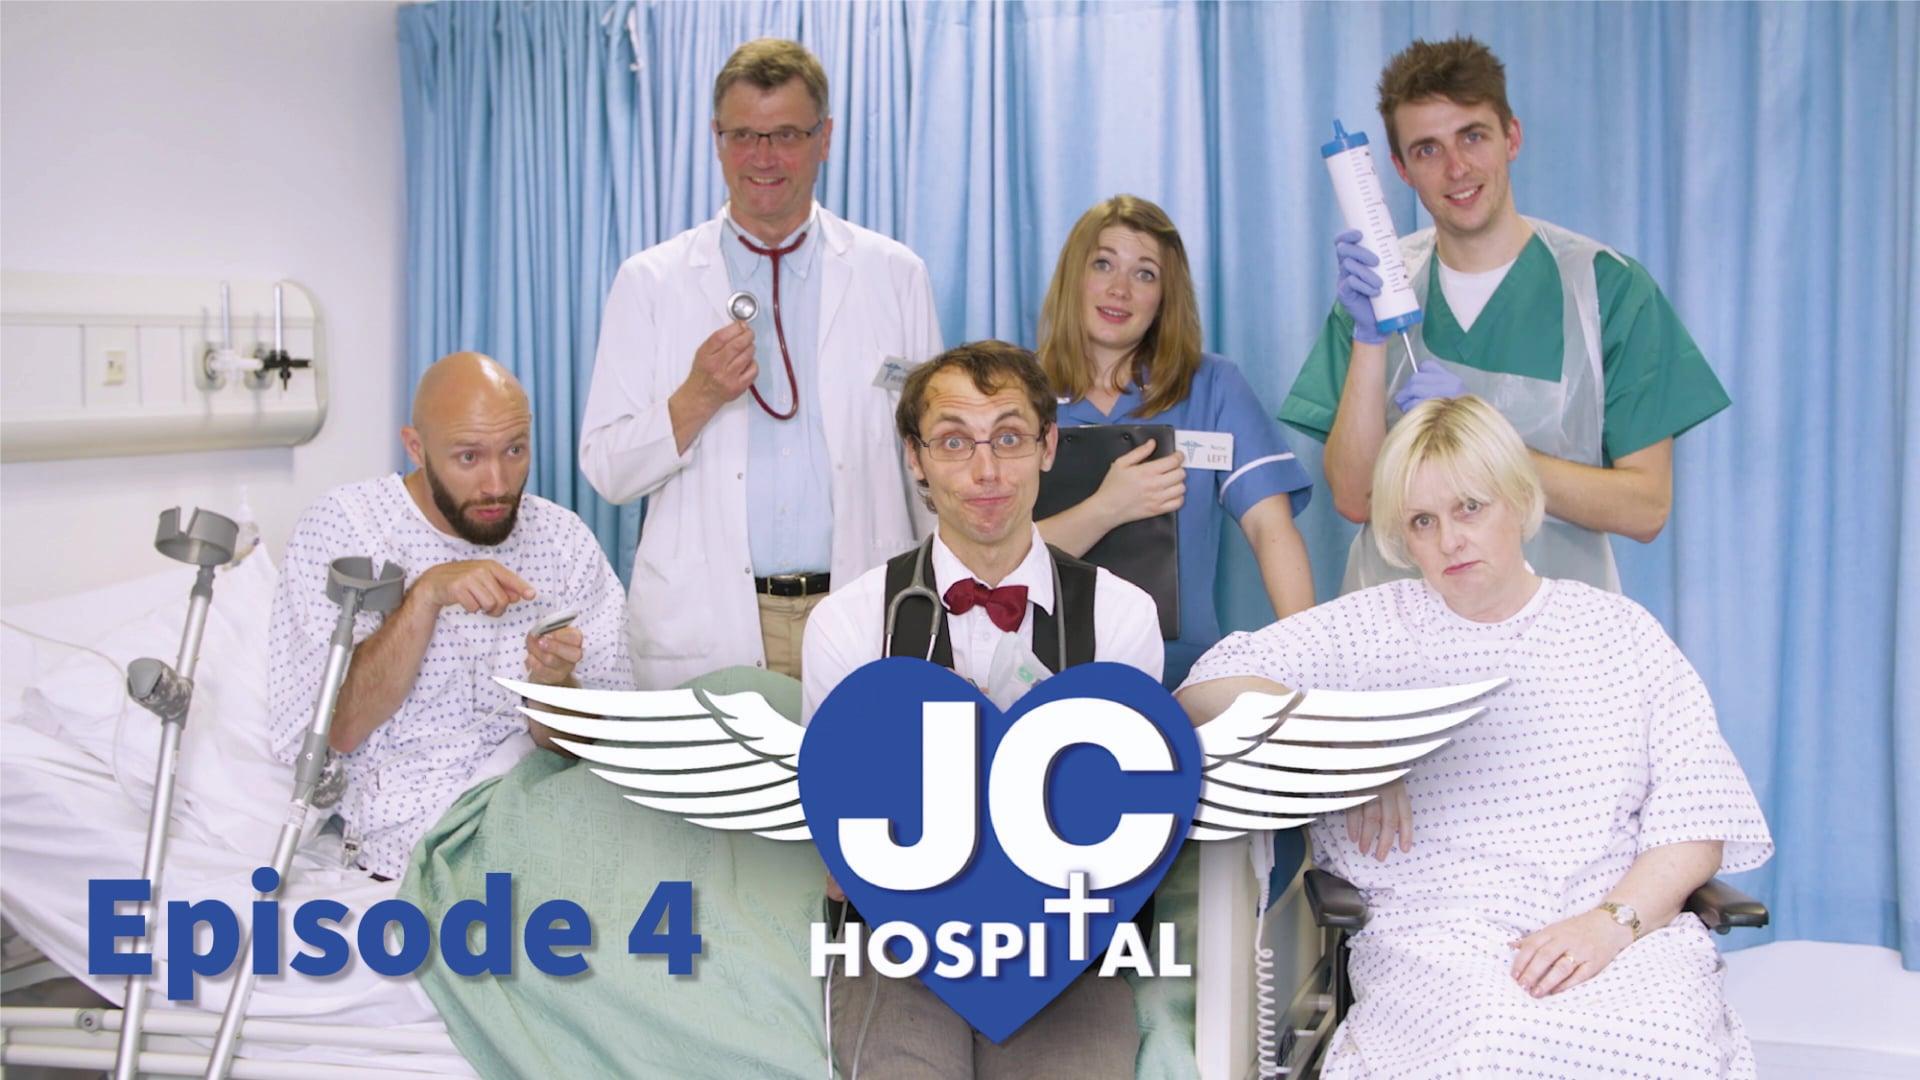 JC Hospital: Episode 4